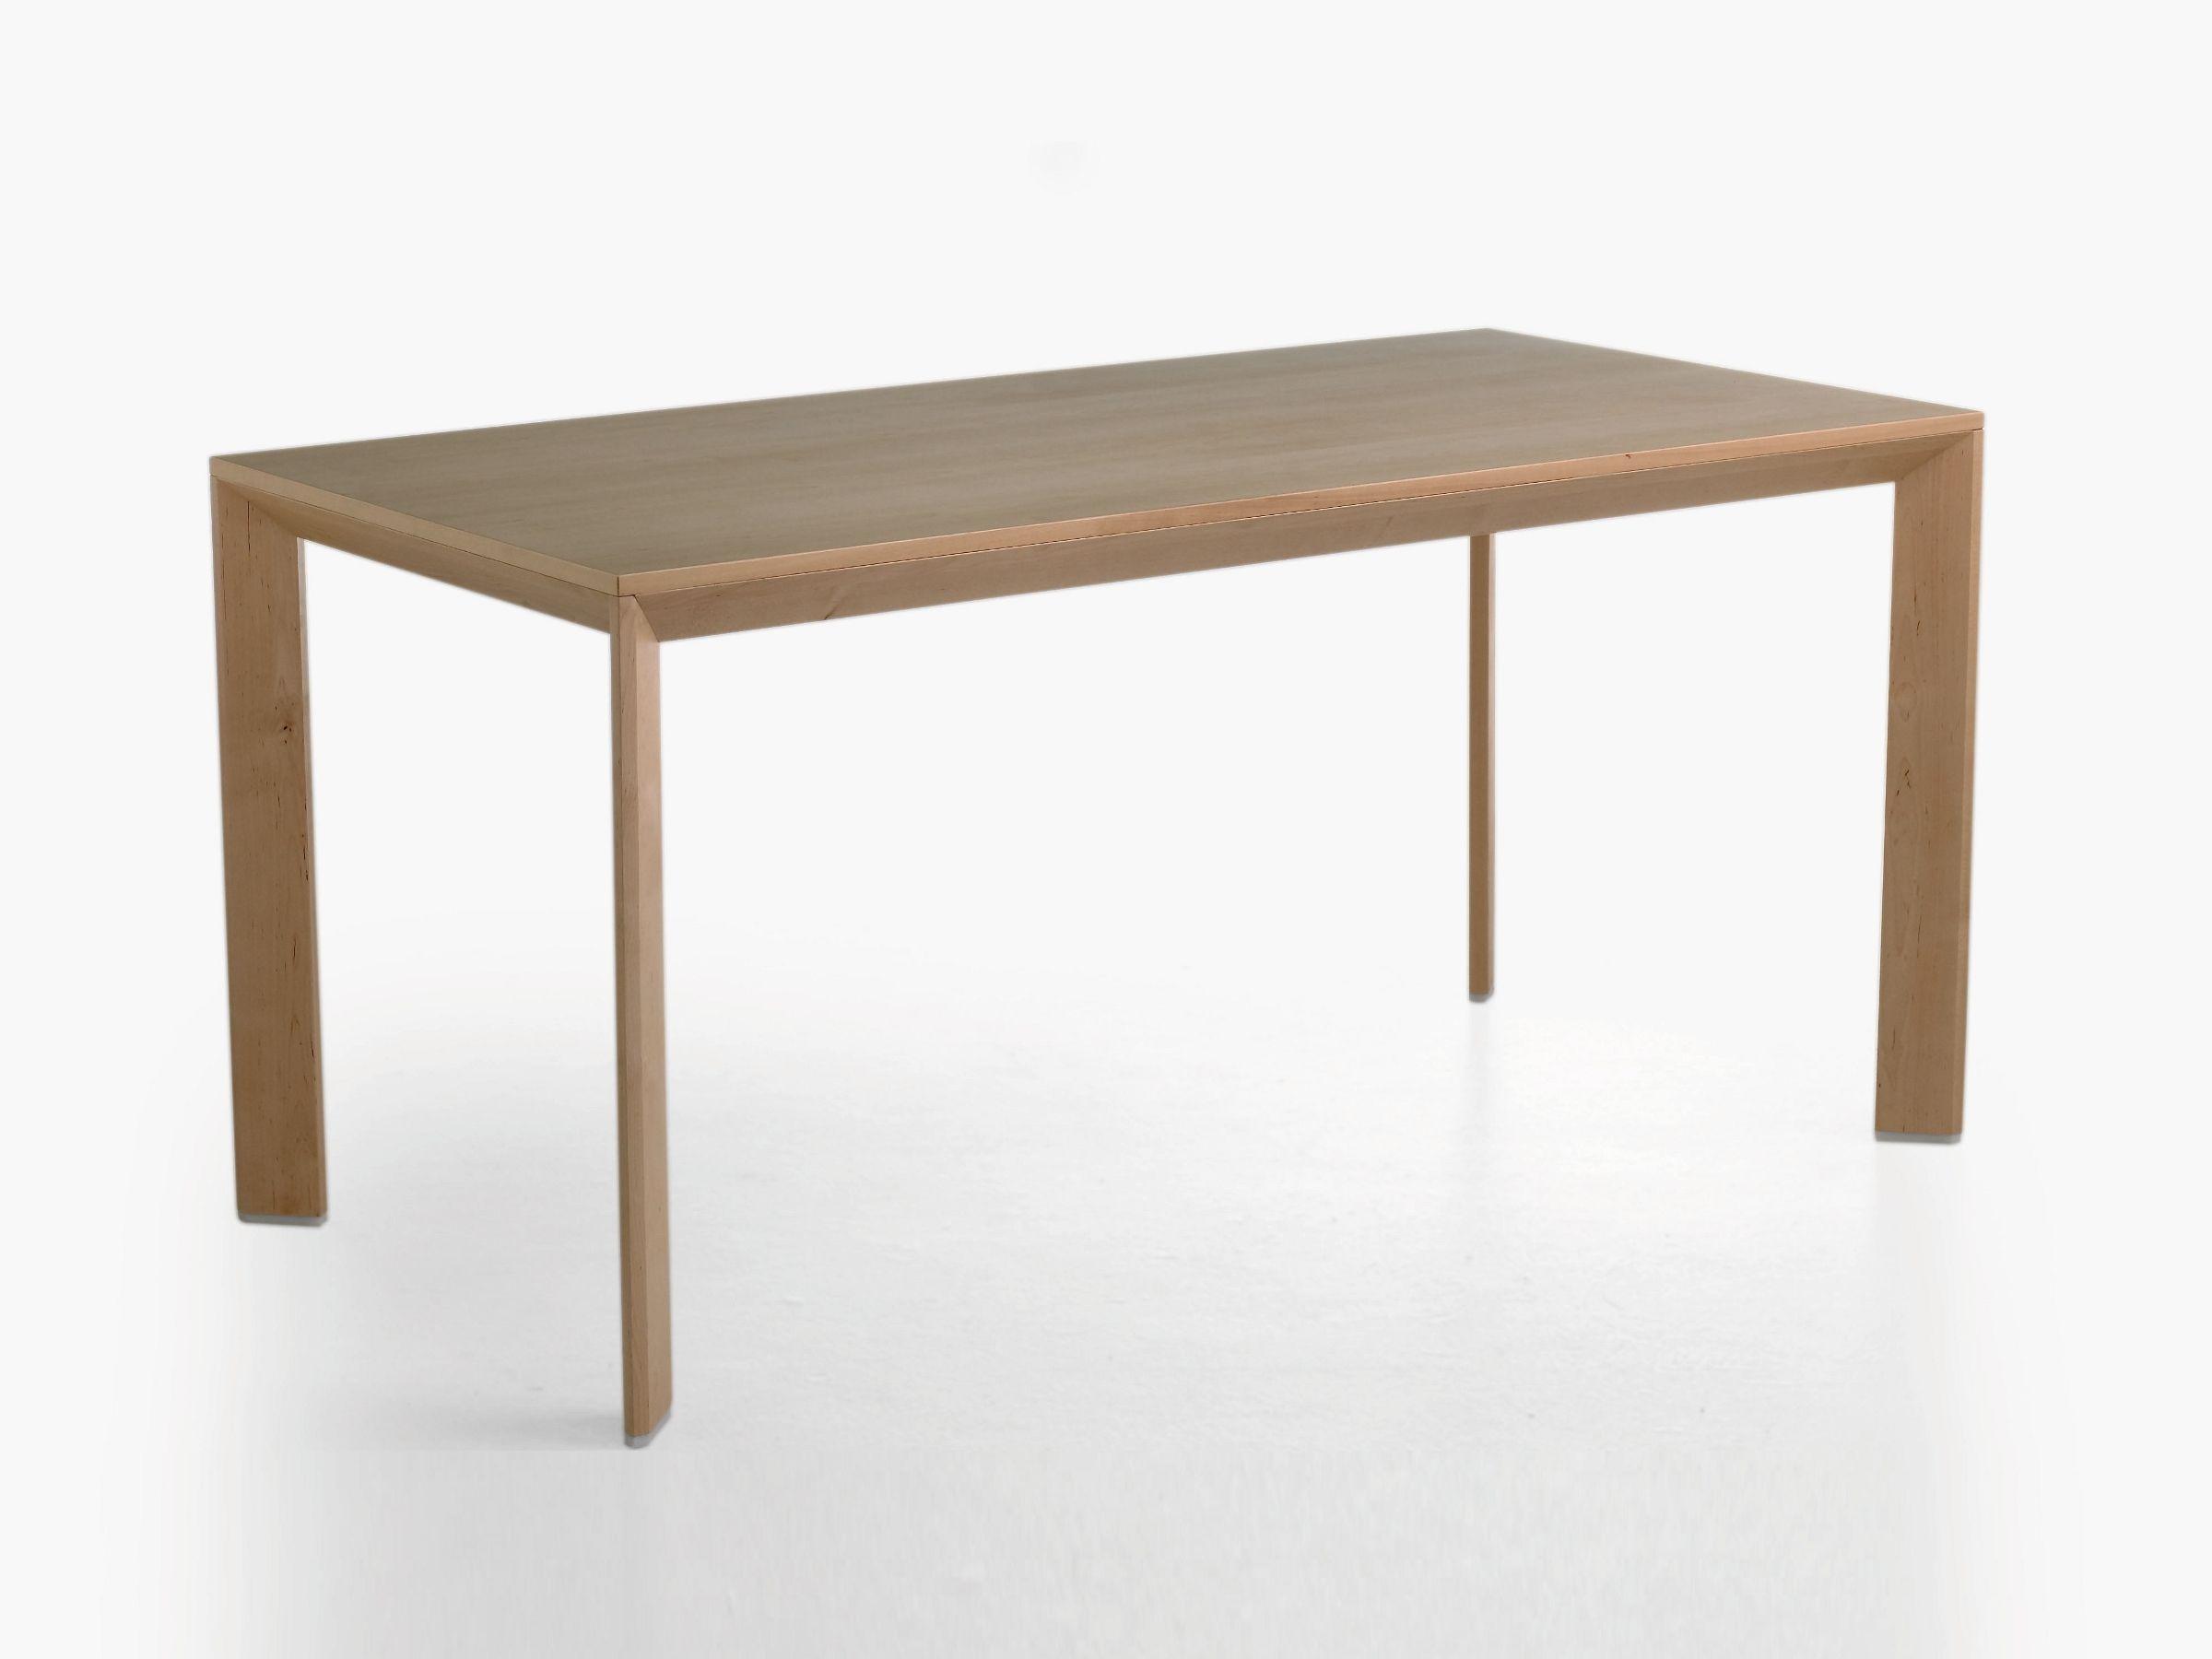 Tavolo da cucina rettangolare in legno impiallacciato for Tavolo cucina legno